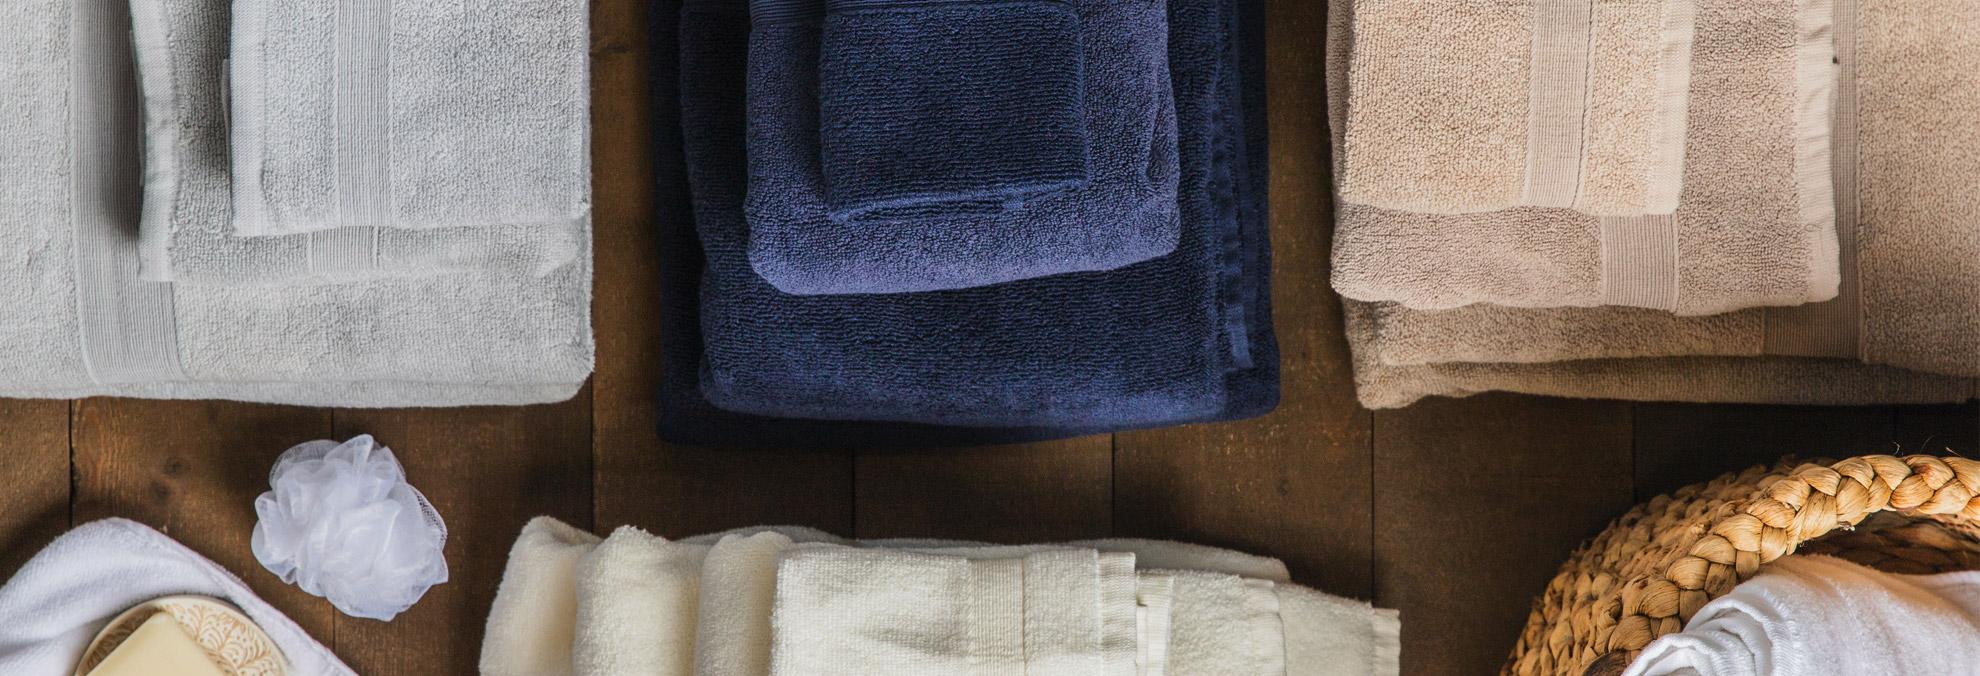 8-Piece Cotton Towel Set